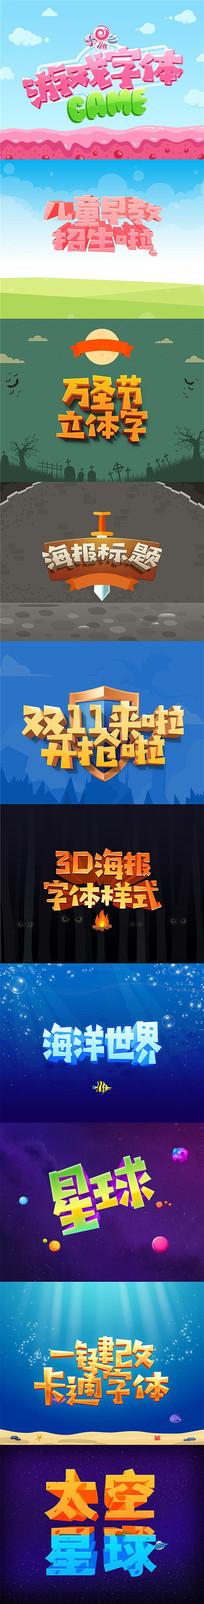 超值3D游戏字体卡通字体PSD样式